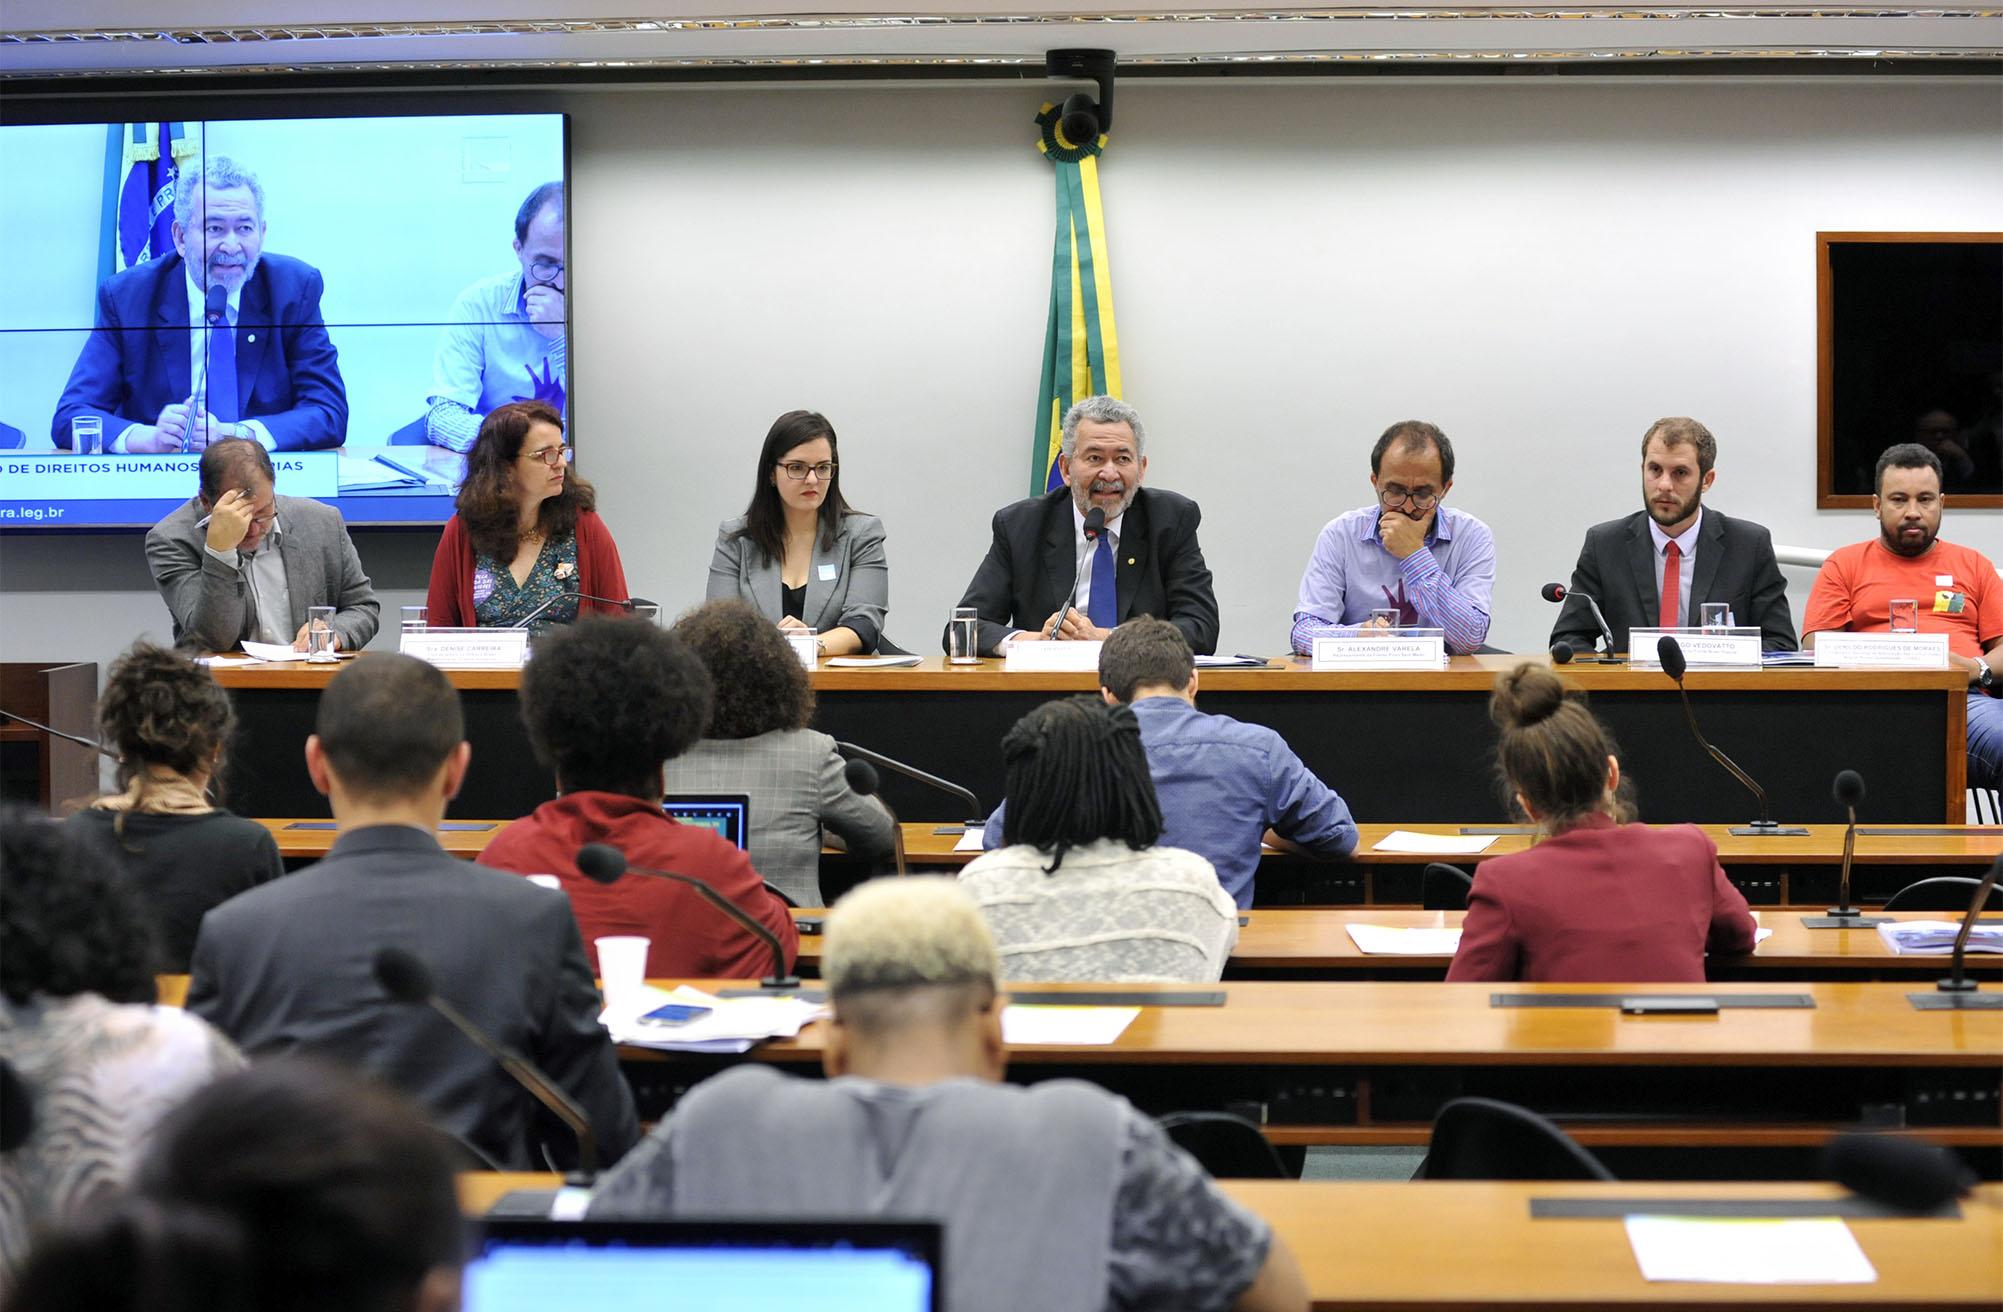 Audiência pública sobre os impactos sociais do Novo Regime Fiscal instituído pela Emenda Constitucional nº 95